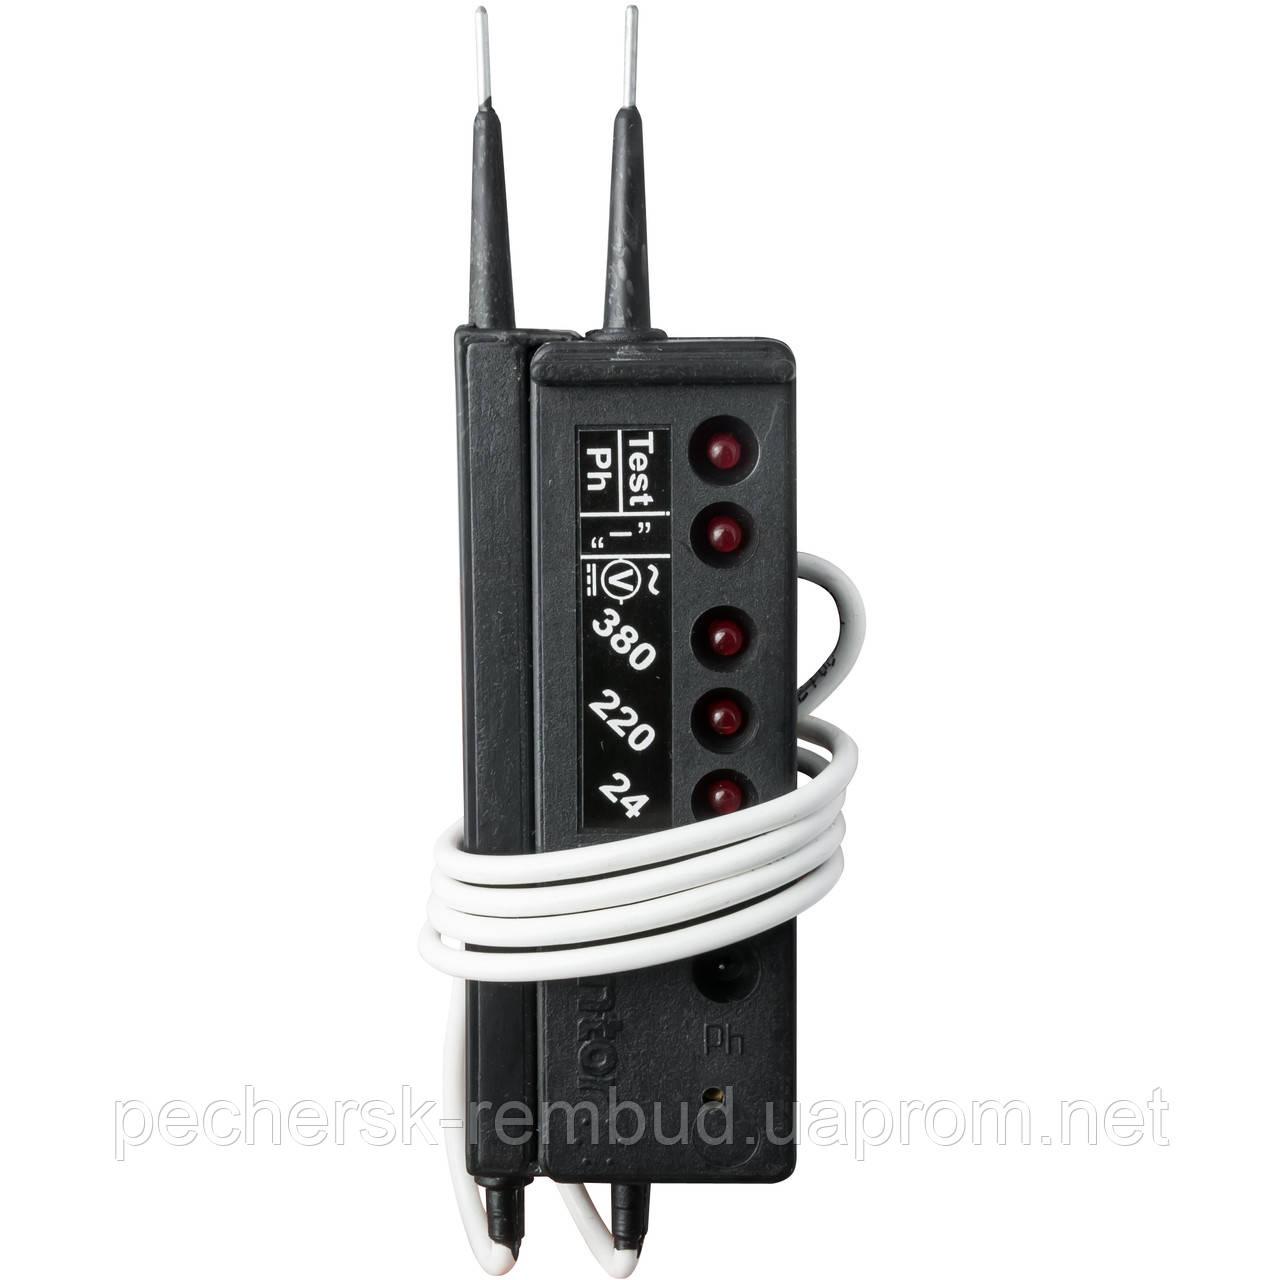 Указатель напряжения Контакт 55ЭМ  (световая + звуковая индикация)